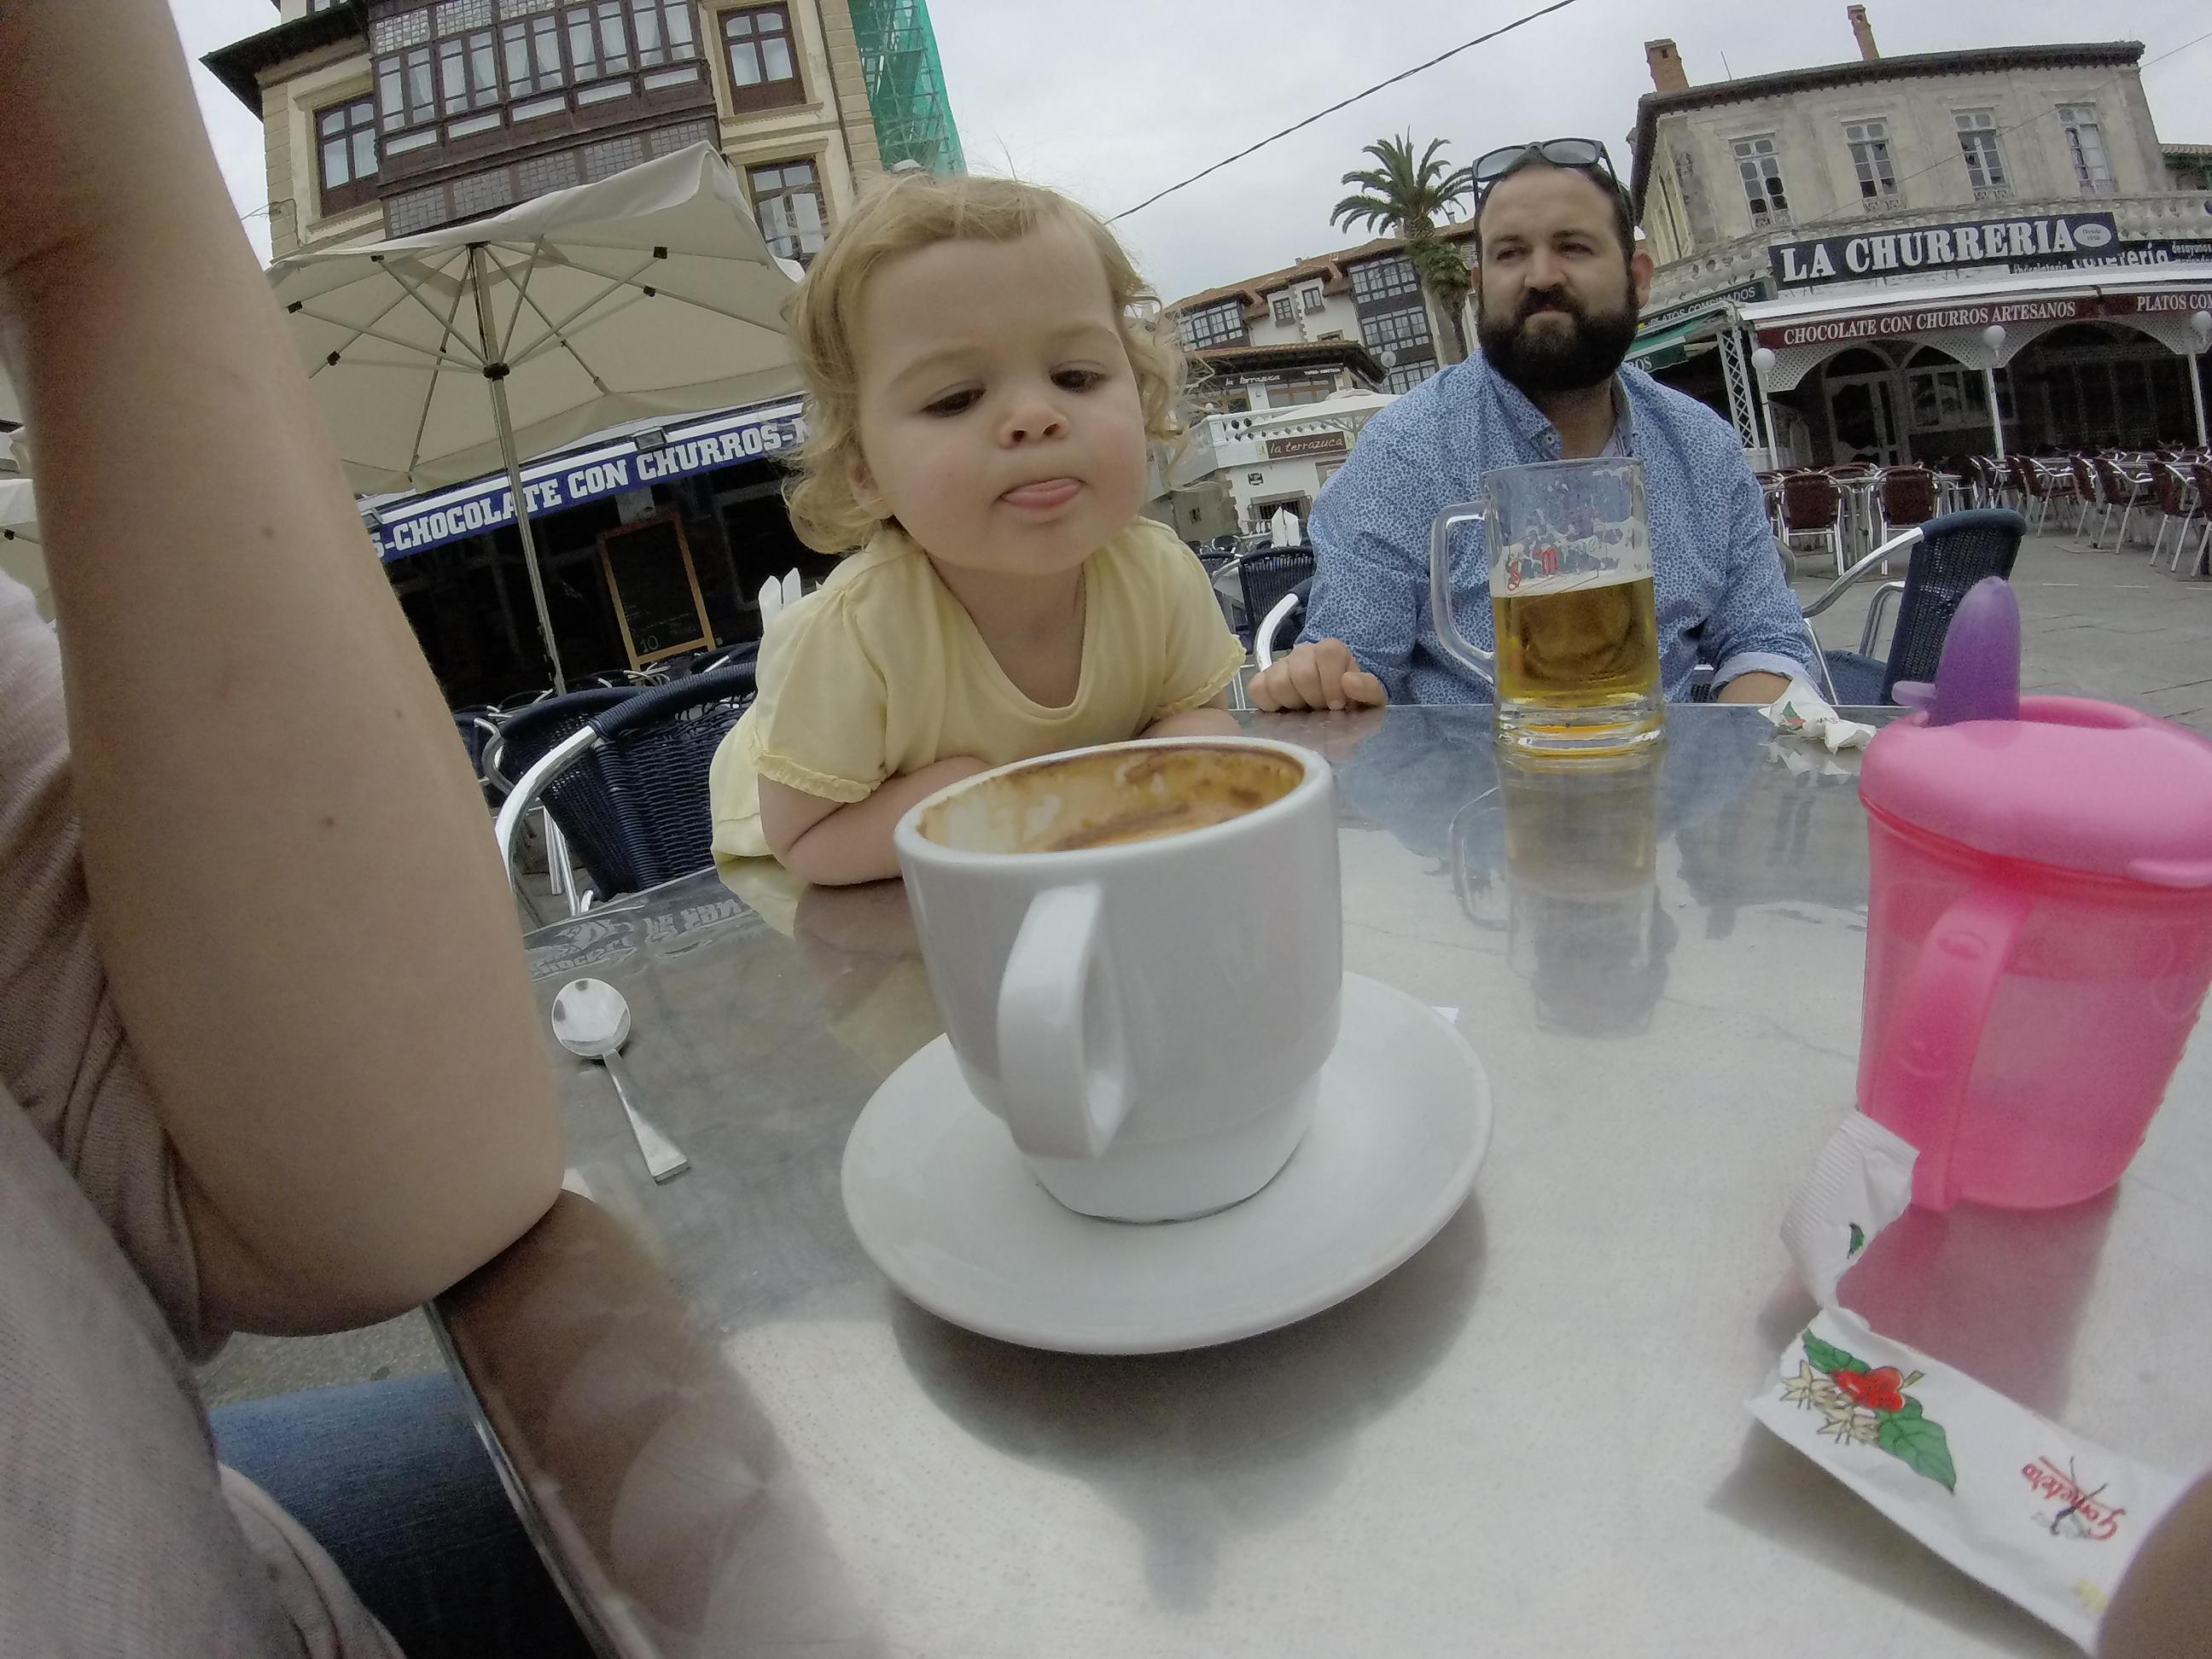 Taking a coffee break in Comillas, Spain